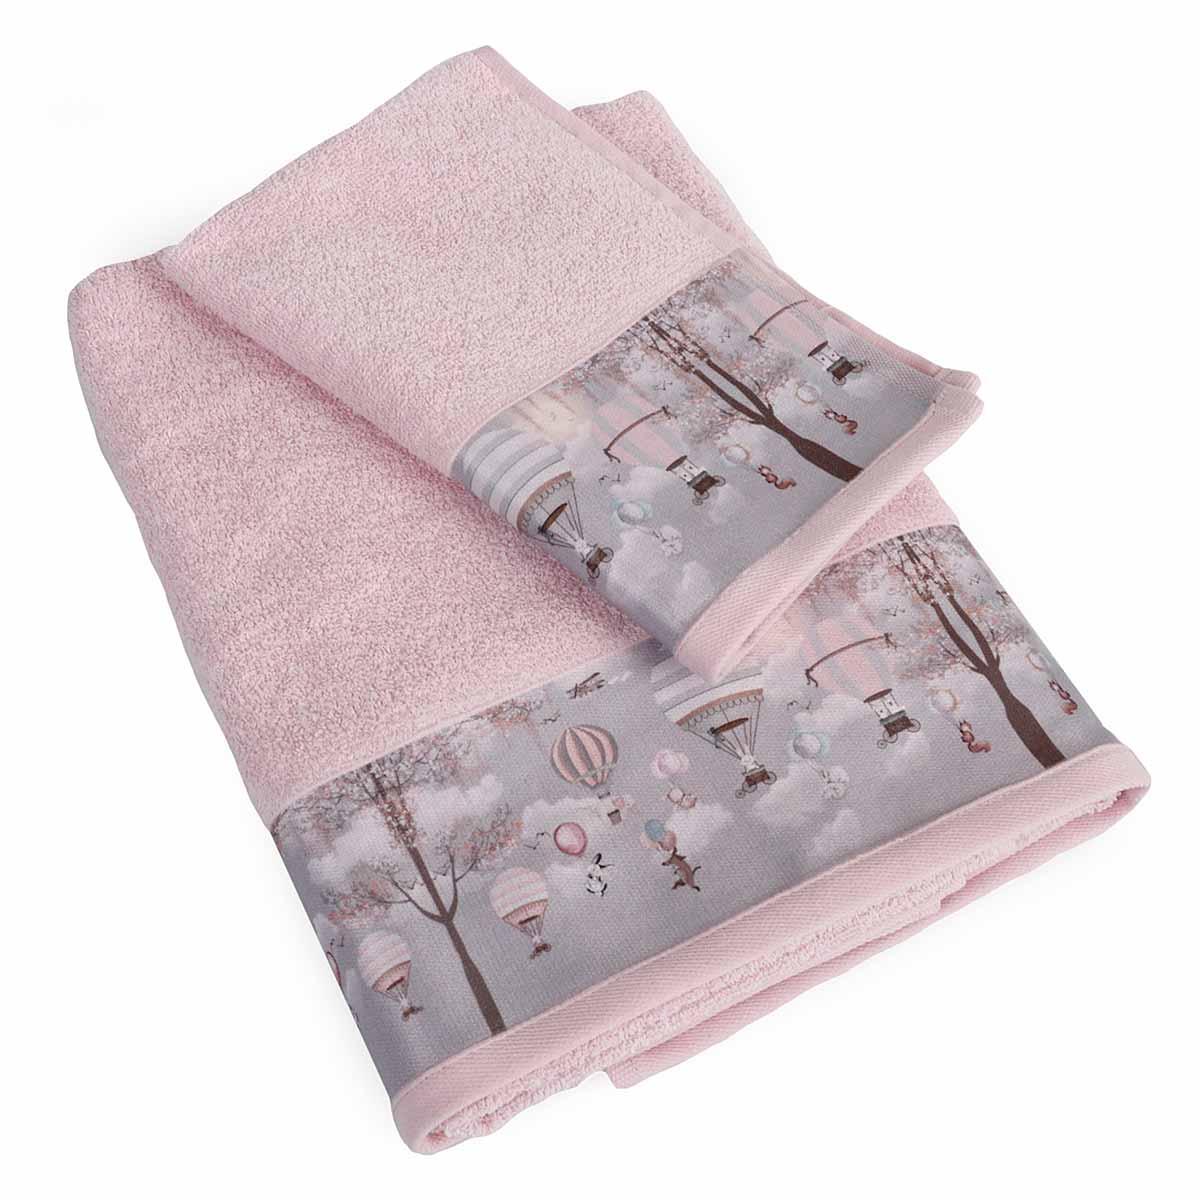 Βρεφικές Πετσέτες (Σετ 2τμχ) Dimcol Serenity 73 Ροζ